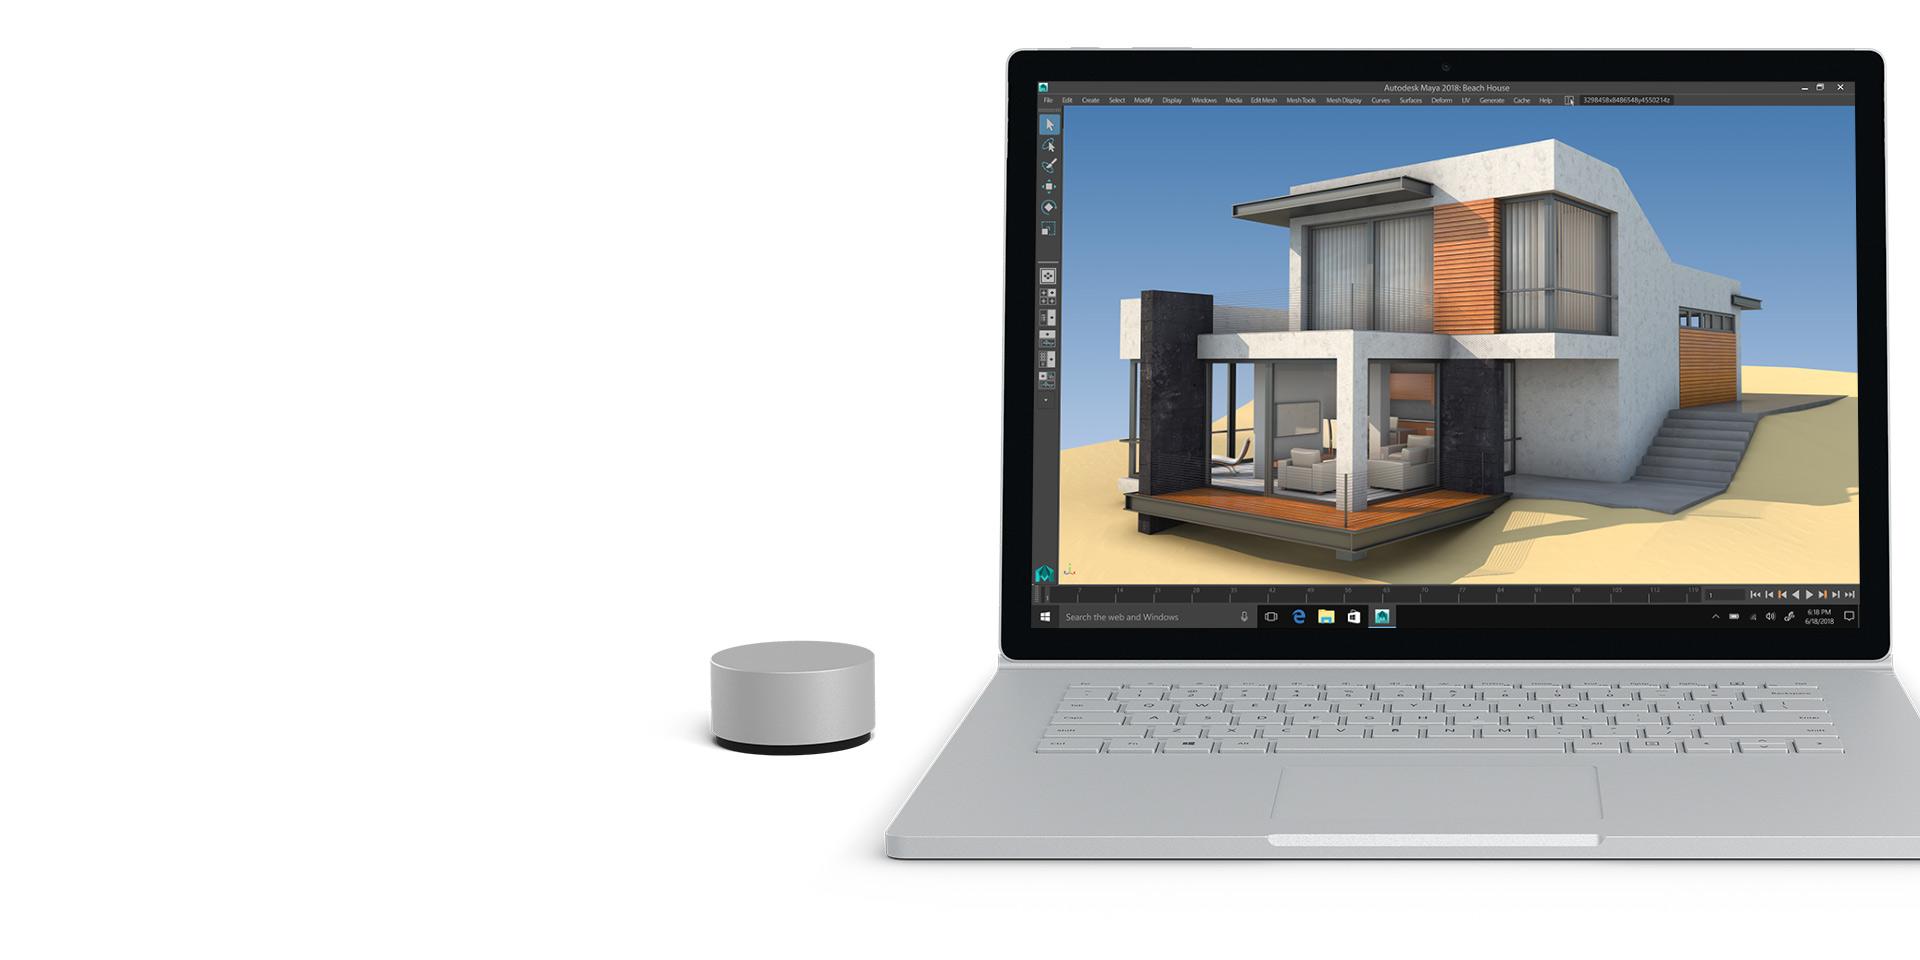 Autodesk Maya à l'écran d'un Surface Book 2